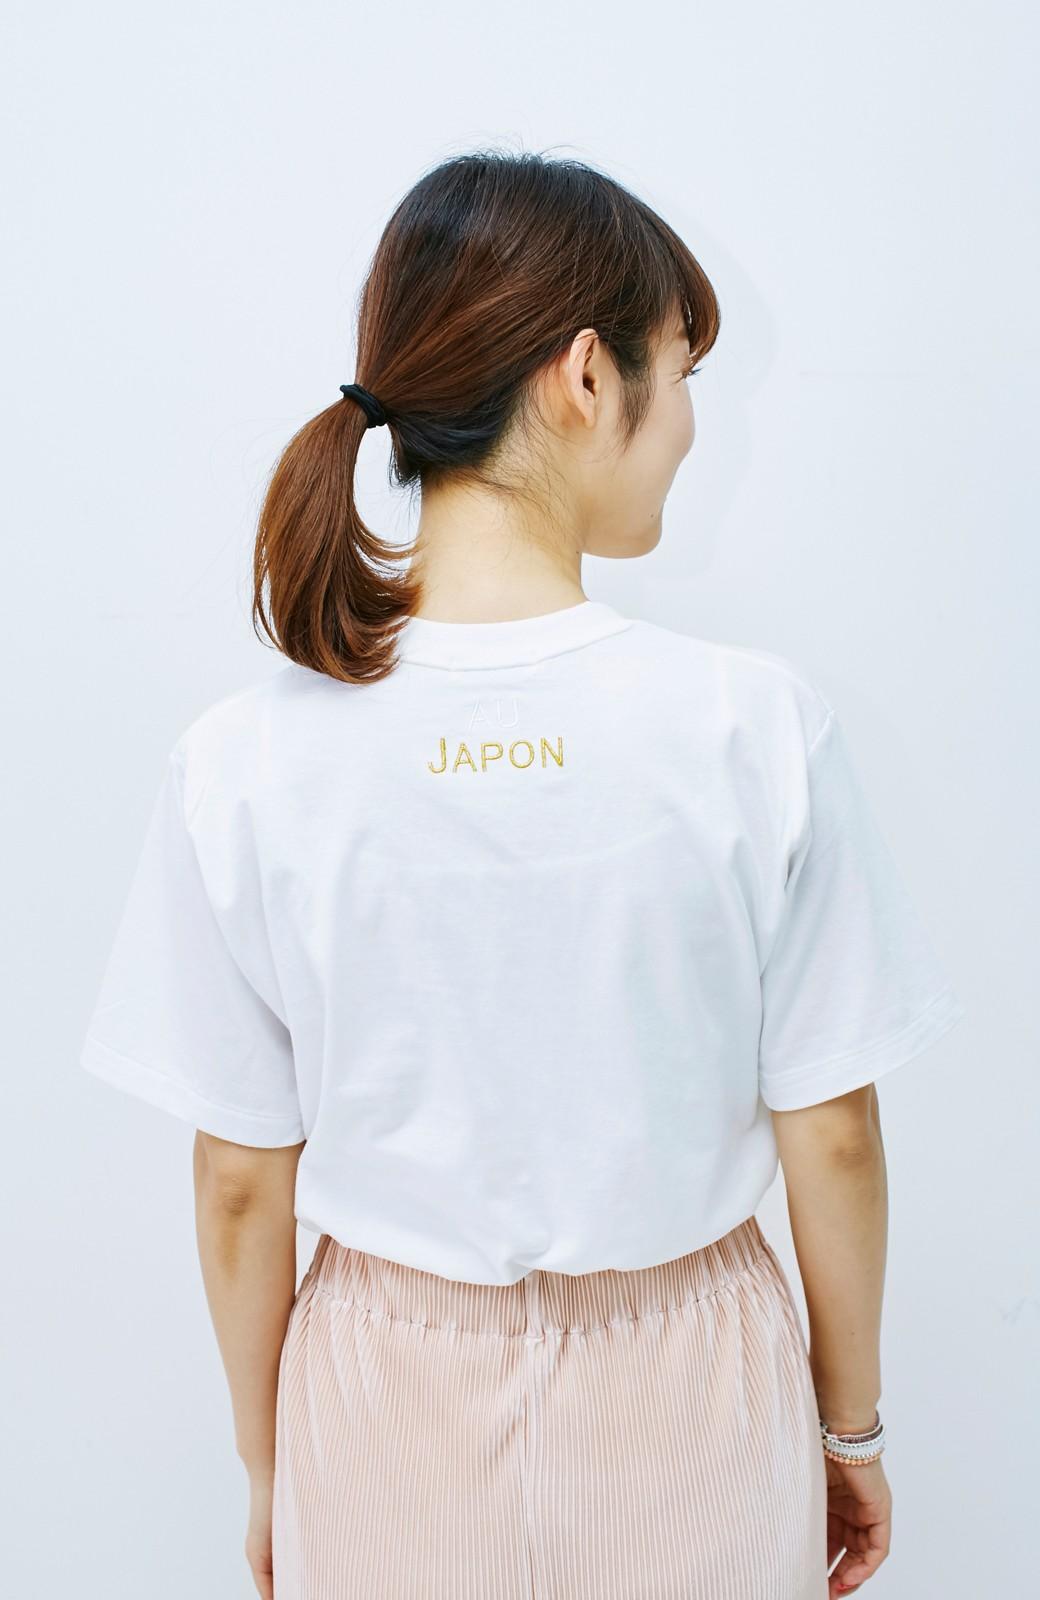 haco! てとひとて KANA MATSUNAMI チャリティーTシャツ <japon> <ホワイト>の商品写真8